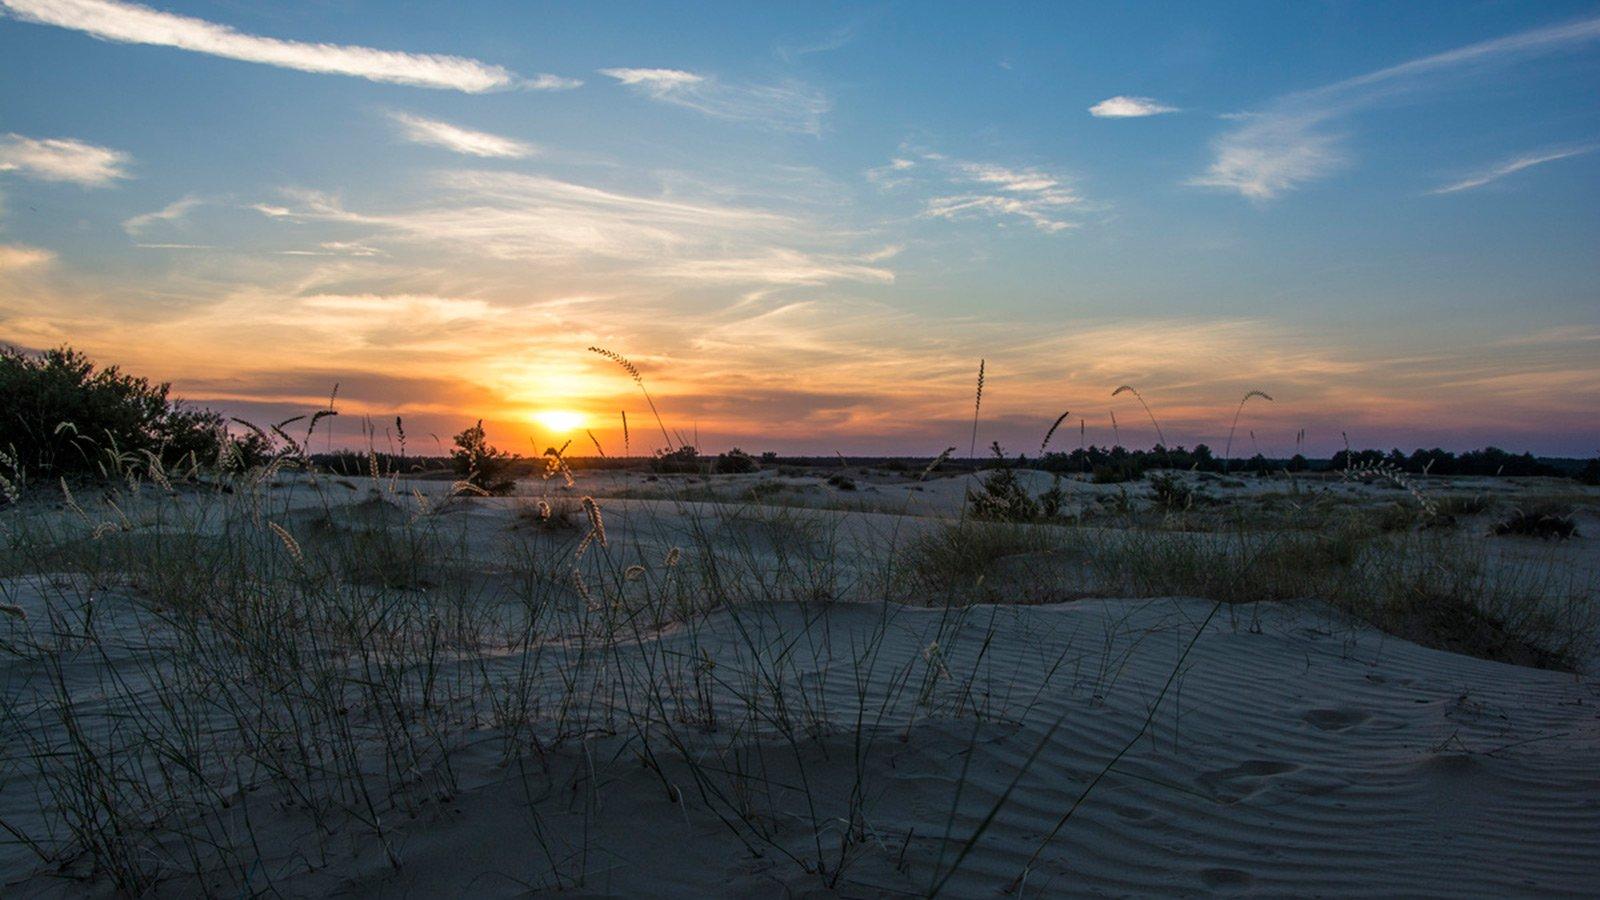 В літні дні пісок прогрівається до такого стану, що це впливає на рух повітряних мас: розпечене повітря, піднімаючись, відштовхує дощові хмари, тому опадів тут значно менше, ніж у Херсоні, з іншого боку Дніпра.